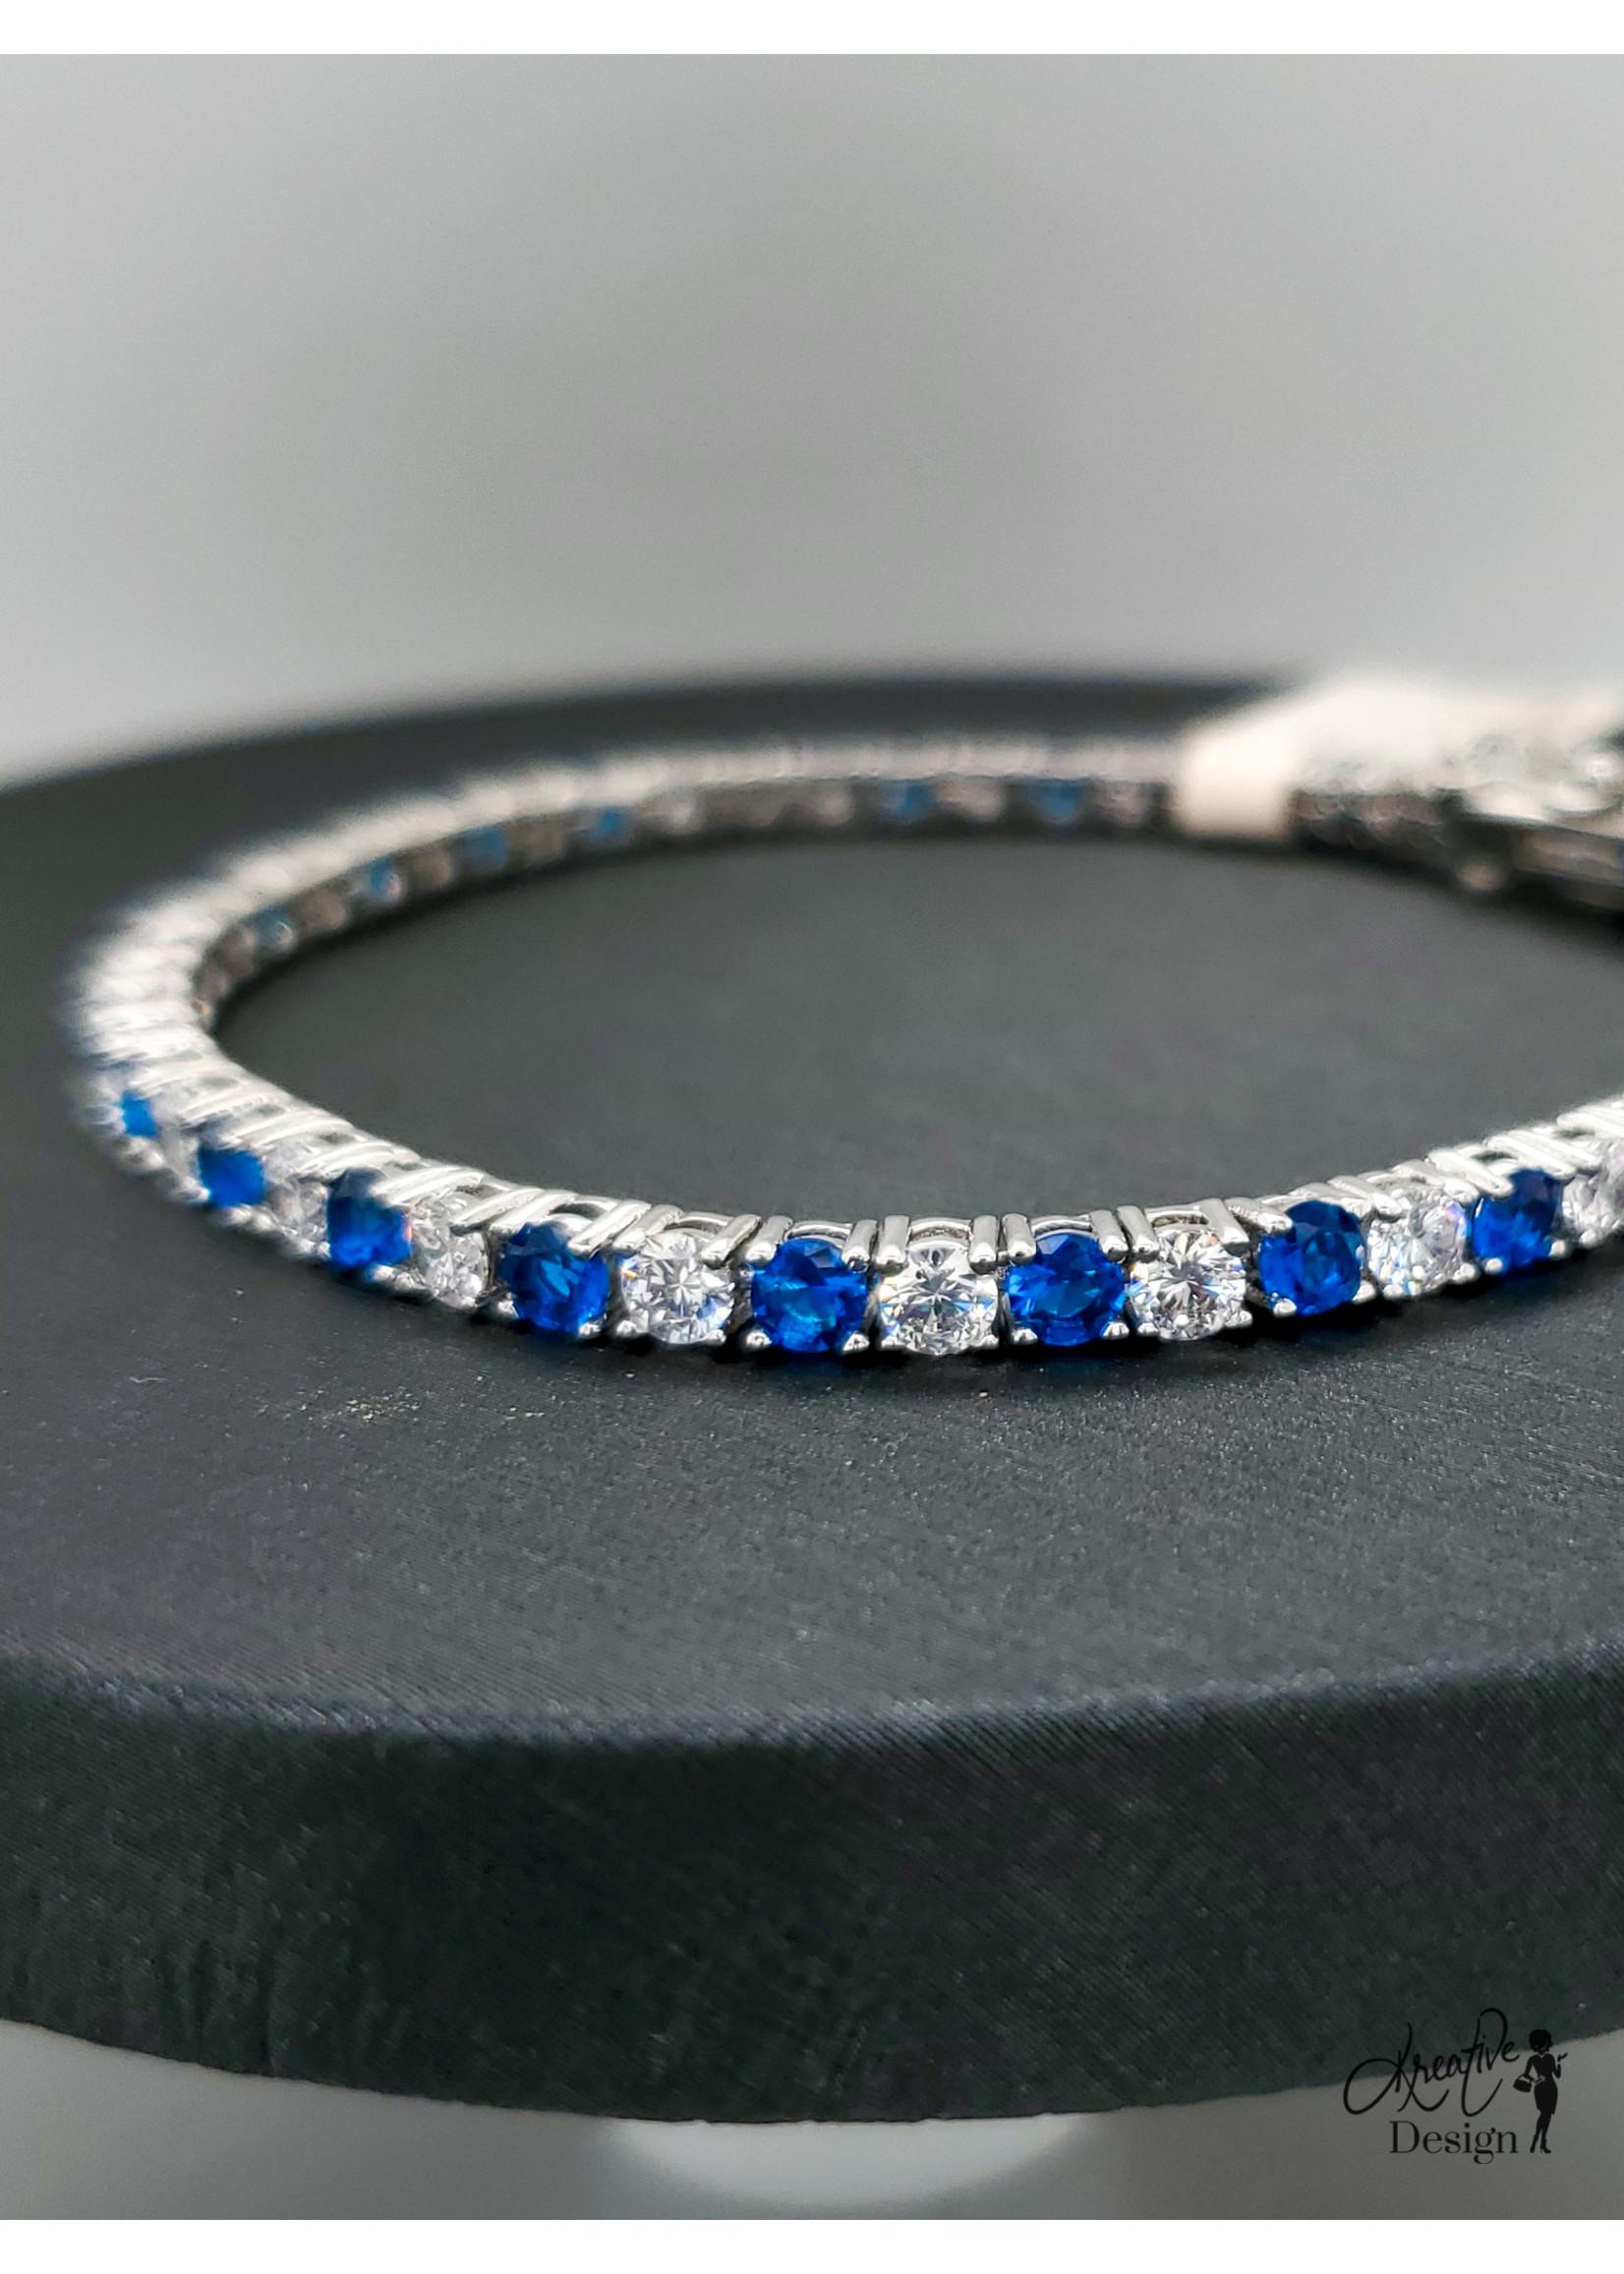 KDesign Regal Collection Regal Blue Cz Tennis Bracelet